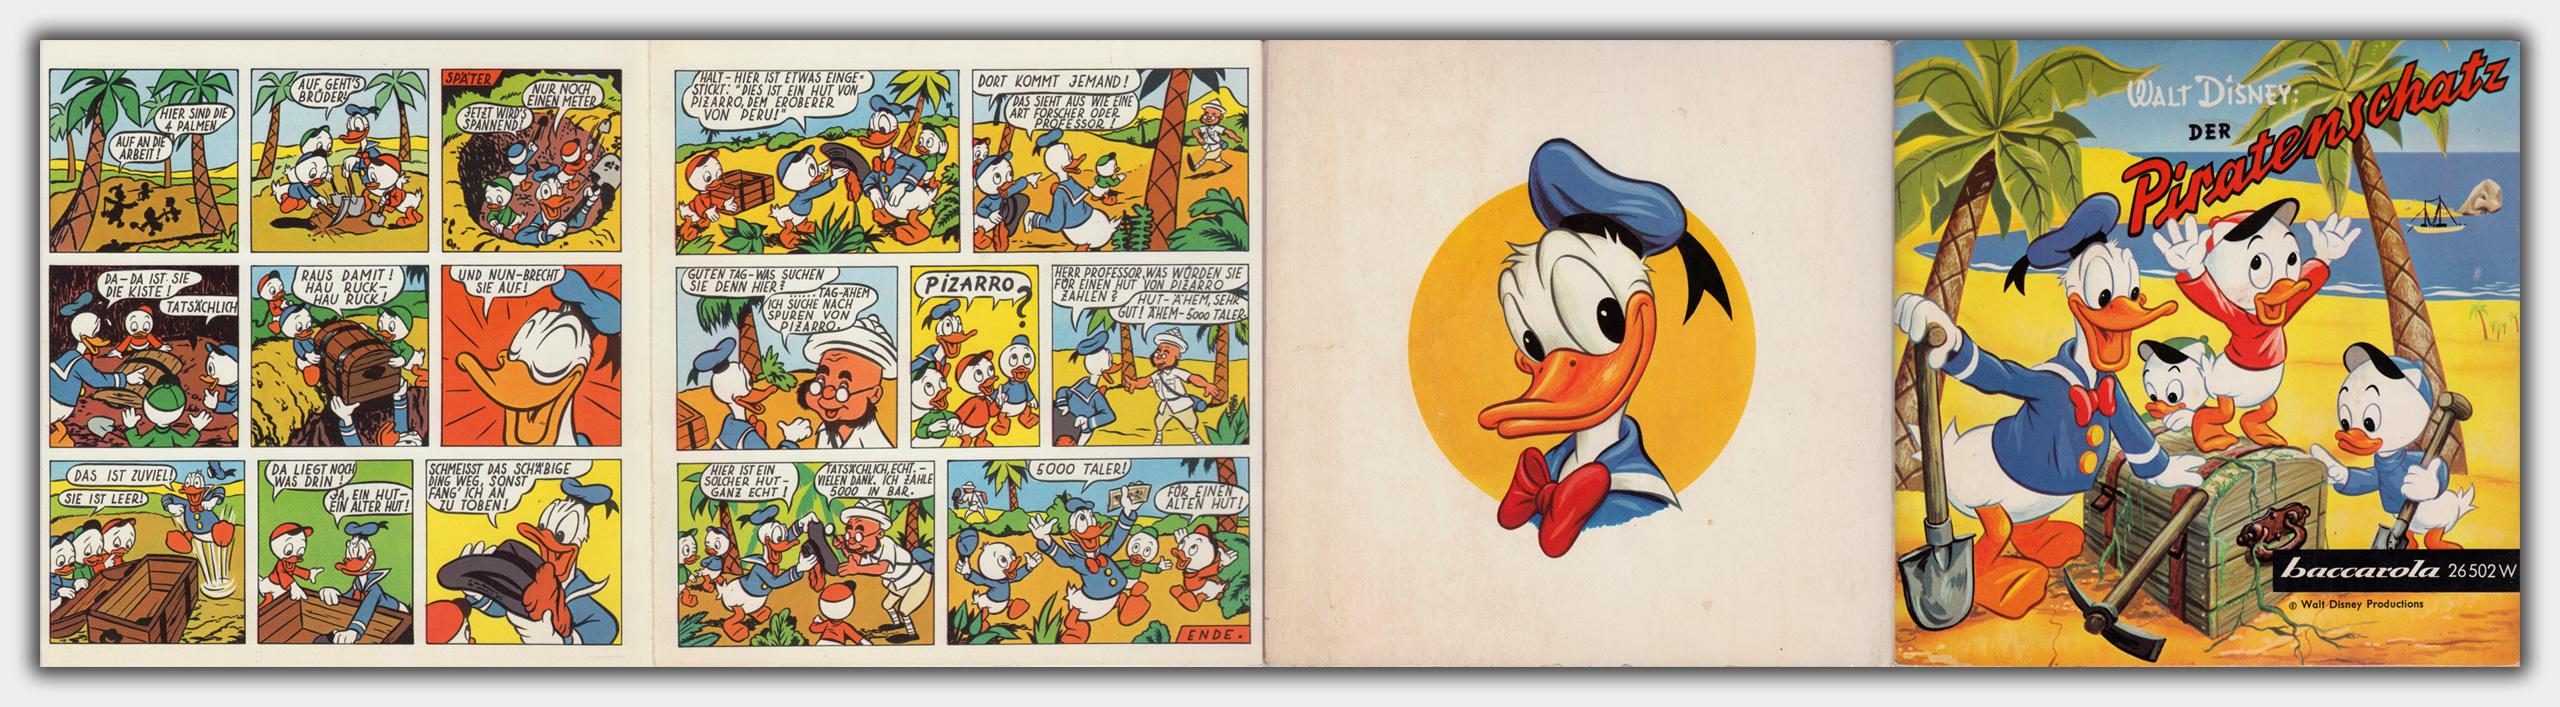 Der Piratenschatz | entfaltet | Comic Seite 4; Comic Seite 5; Rückseite; Titel